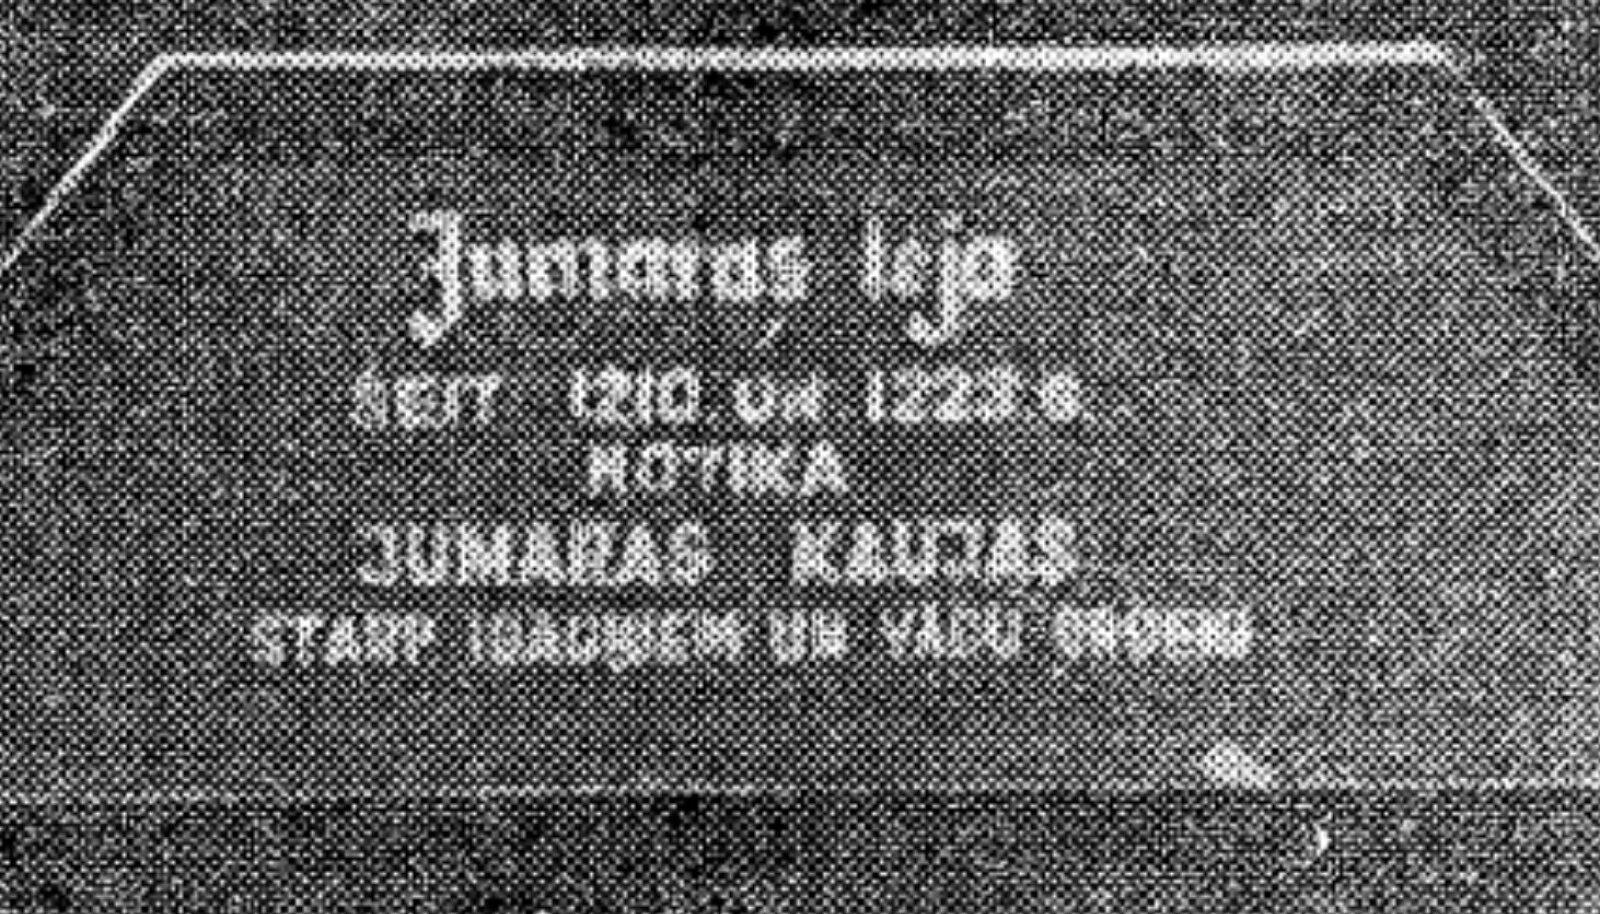 Ümera lahingute mälestustahvel aastal 1972